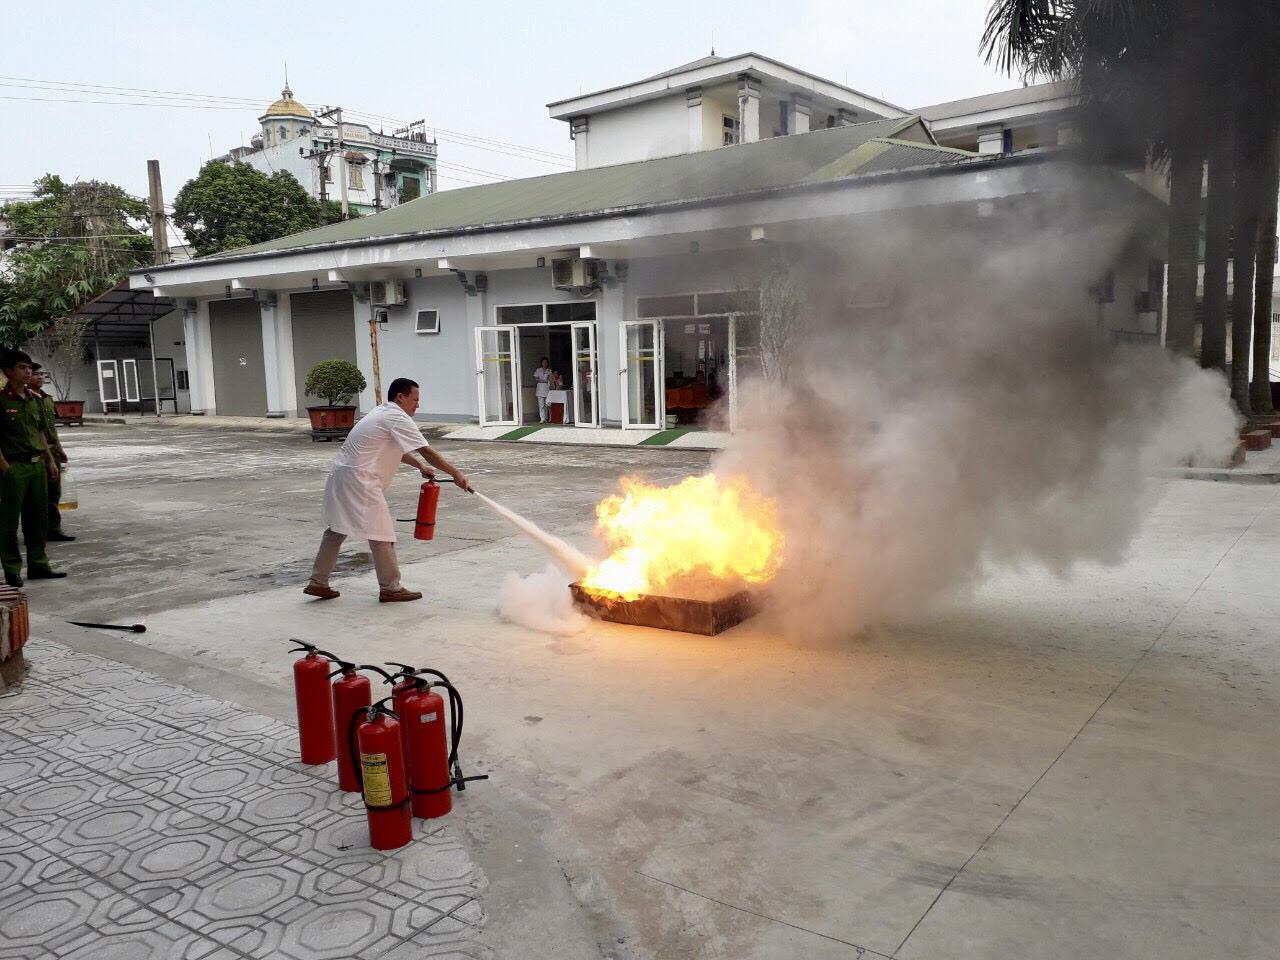 Bệnh viện Lao và Bệnh Phổi tỉnh Phú Thọ: Đảm bảo an toàn và chấp hành nghiêm chỉnh luật phòng cháy, chữa cháy - Ảnh 3